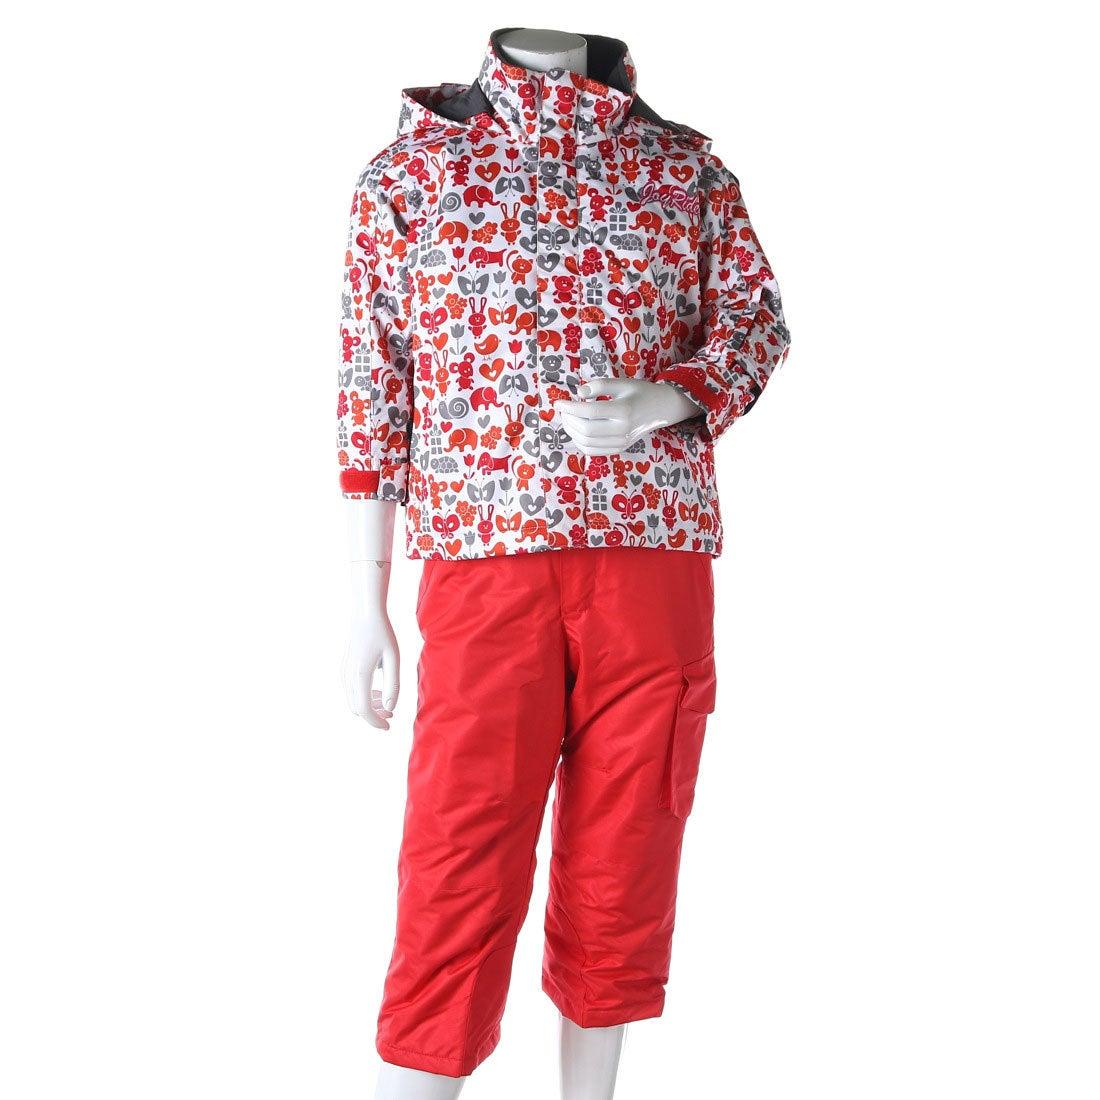 ロコンド 靴とファッションの通販サイトジョイライドJOYRIDEジュニアスキーウェア上下セットトドラースキーウェアーJOT-5311